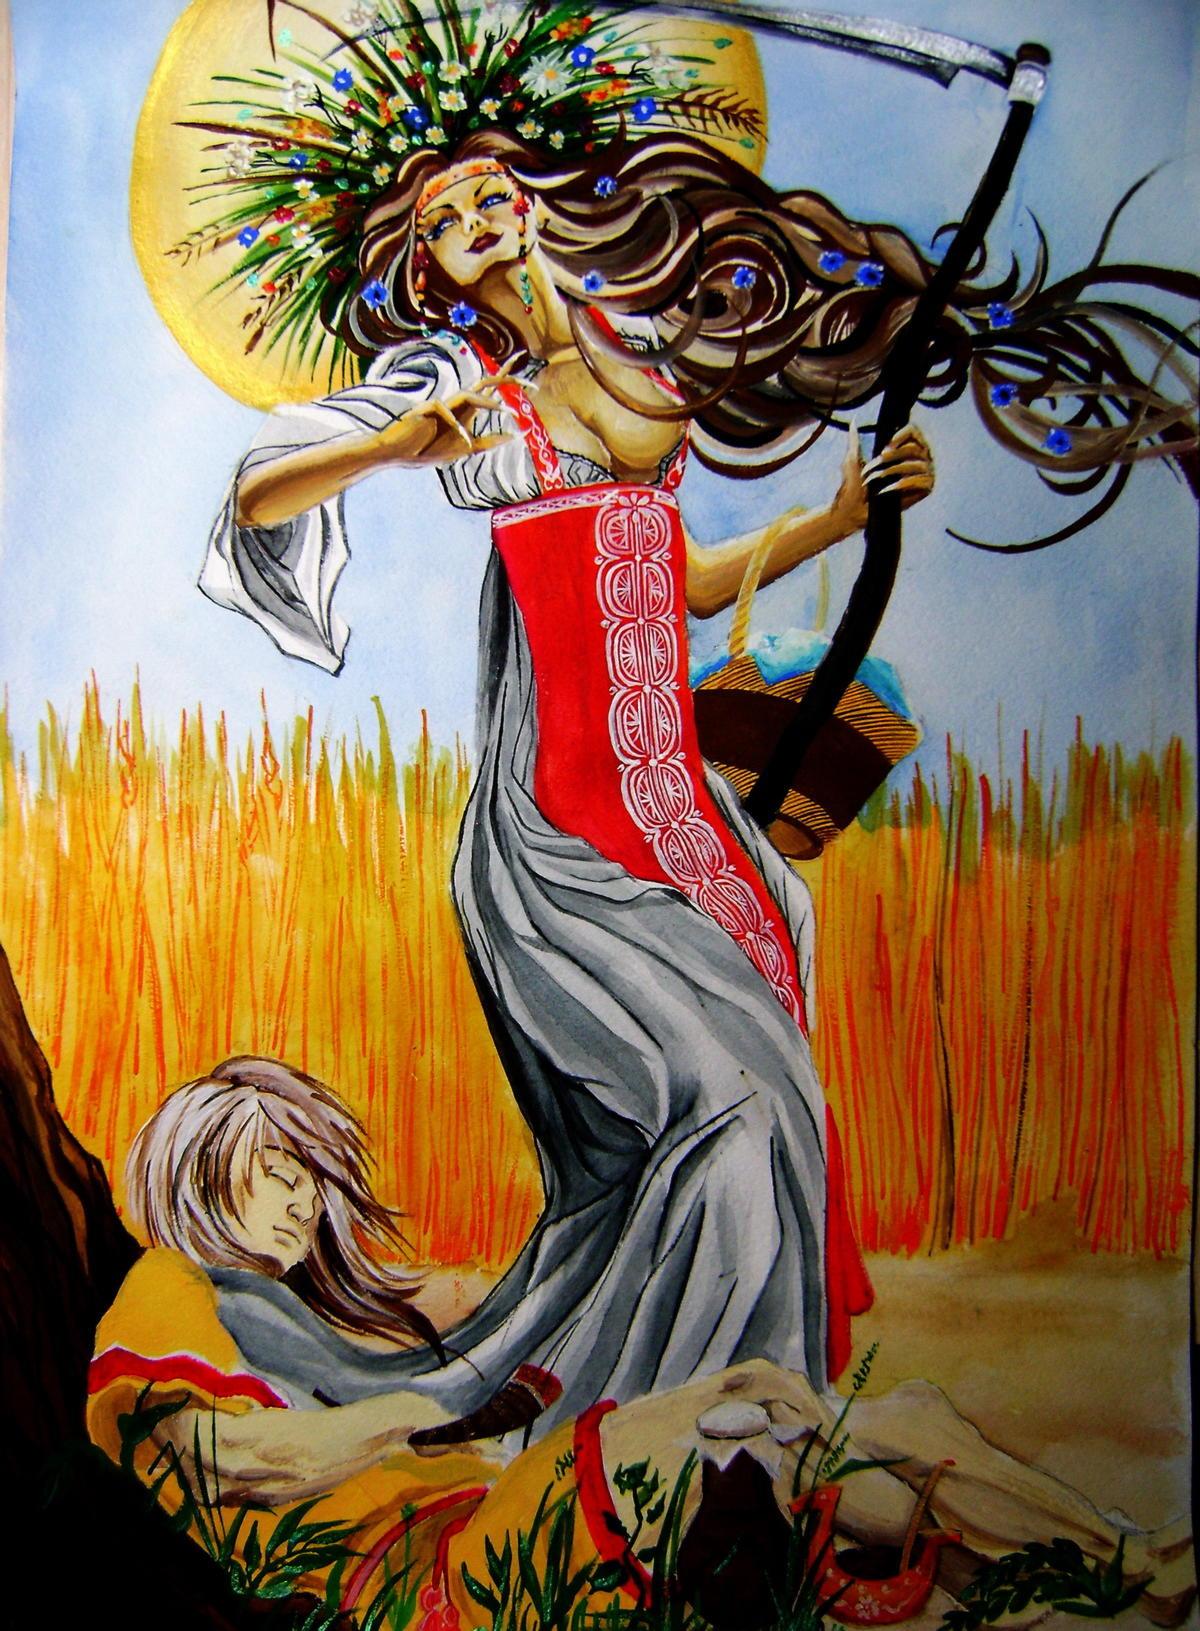 Mara - eski Slavlarda ölüm tanrıçası 51